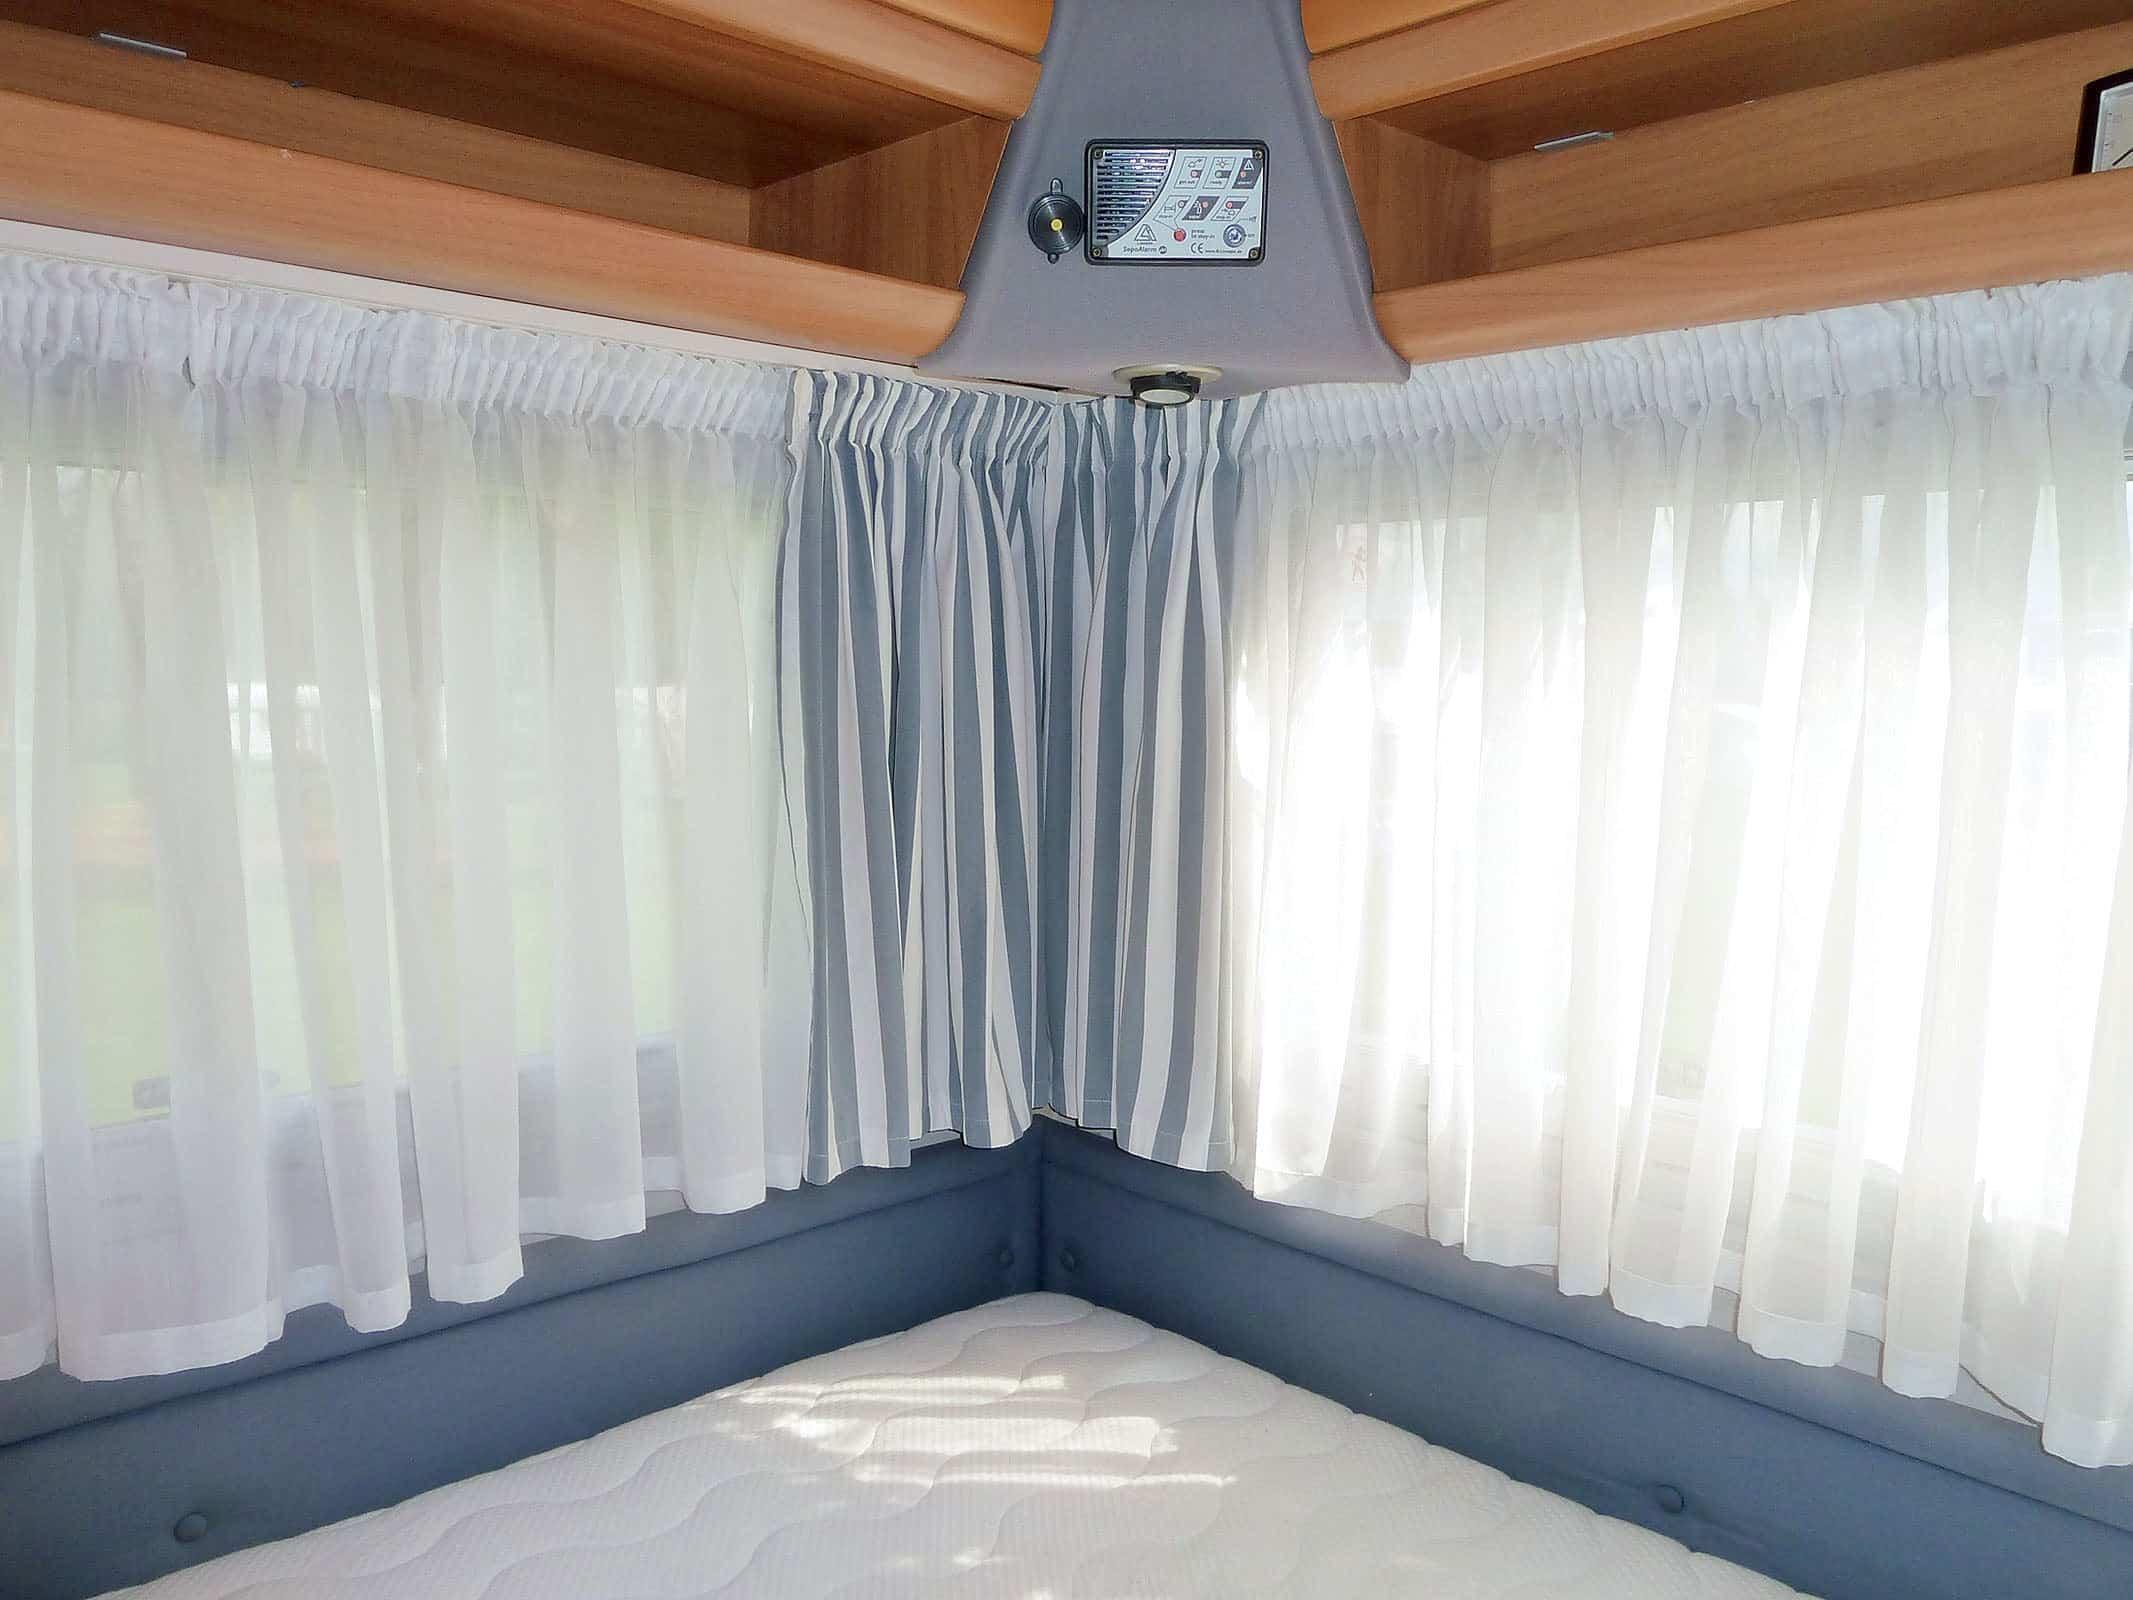 gardine camping cars caravans. Black Bedroom Furniture Sets. Home Design Ideas